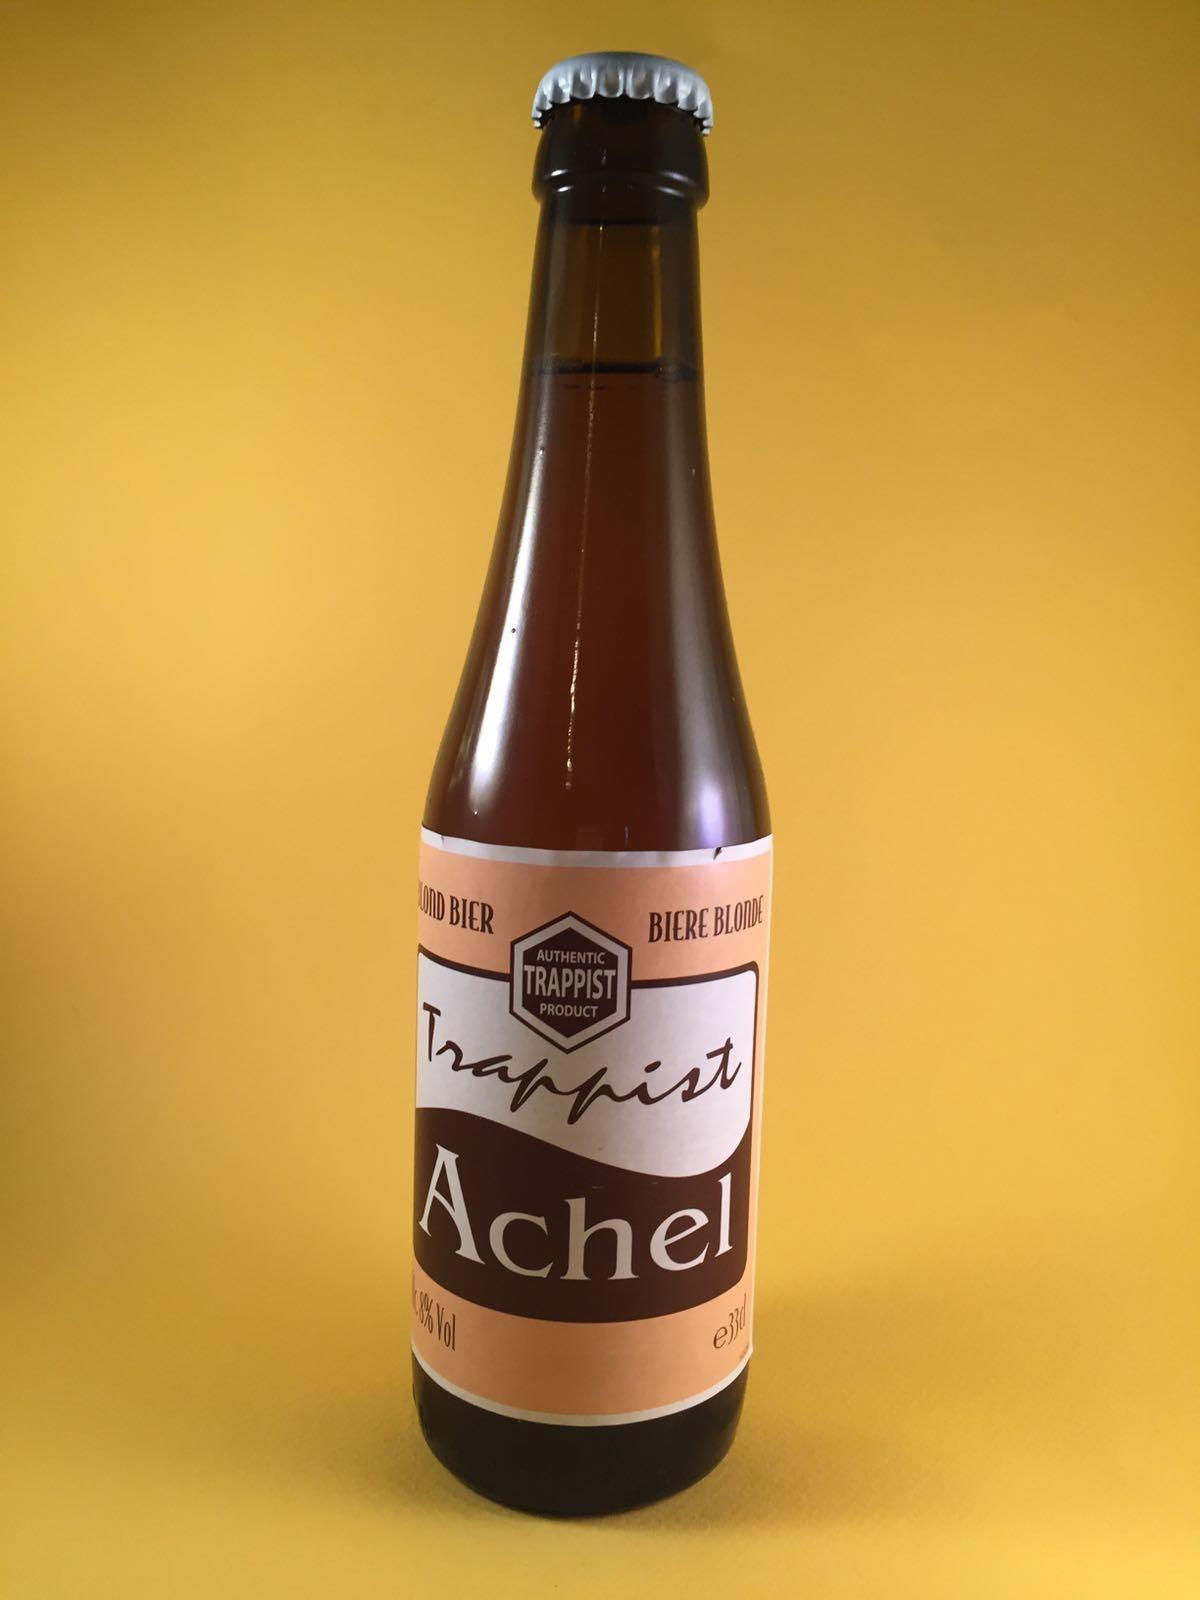 Achel Trappist Blond Herkomst: Hamont-Achel, België Diepbruin Trappistenbier met een hoppige aroma en een lichtzoete smaak. Het bier heeft een volle smaak, fijn in de mond maar heeft een sterke afdronk. Achel Trappist Blond bevat een alcoholpercentage van 8%. Advies serveertemperatuur: 7 a 8 graden.